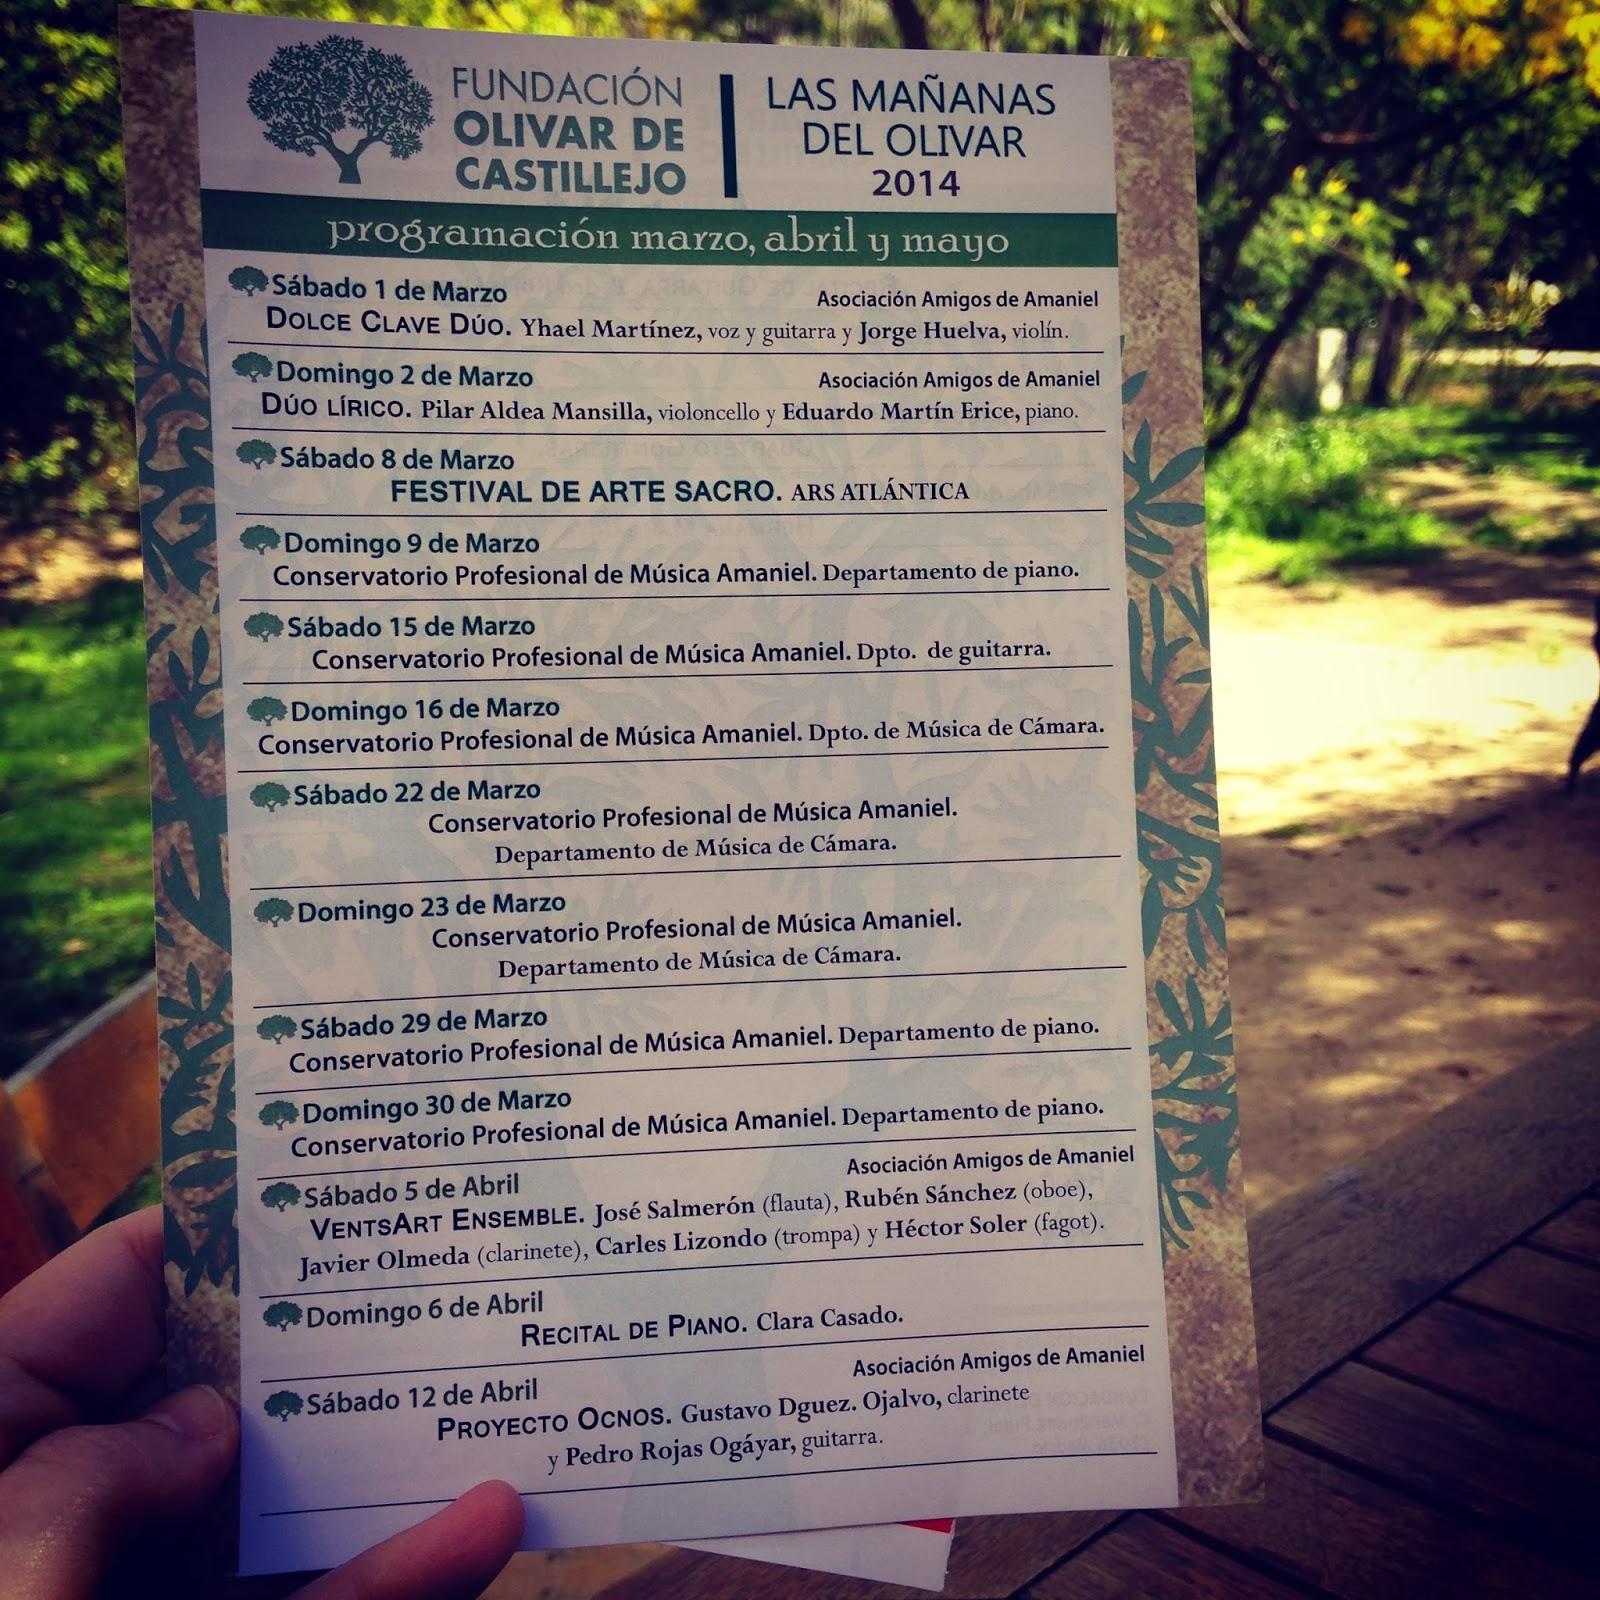 program of activities Olivar de Castillejo